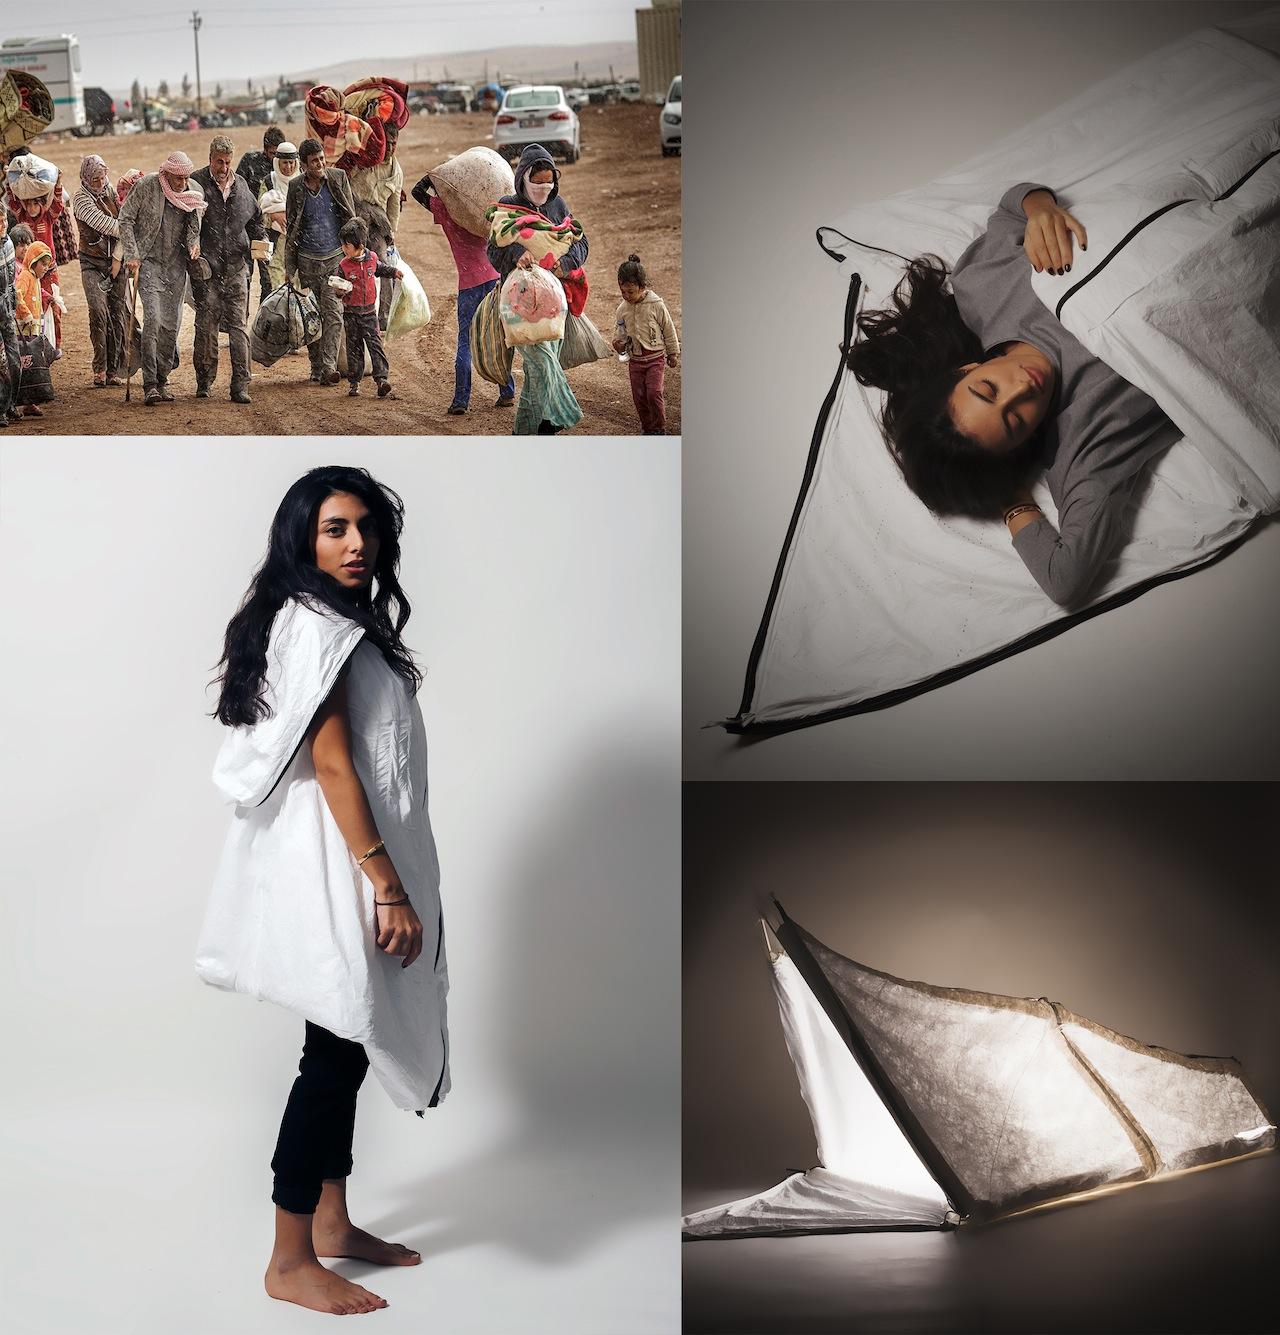 refugee-composite